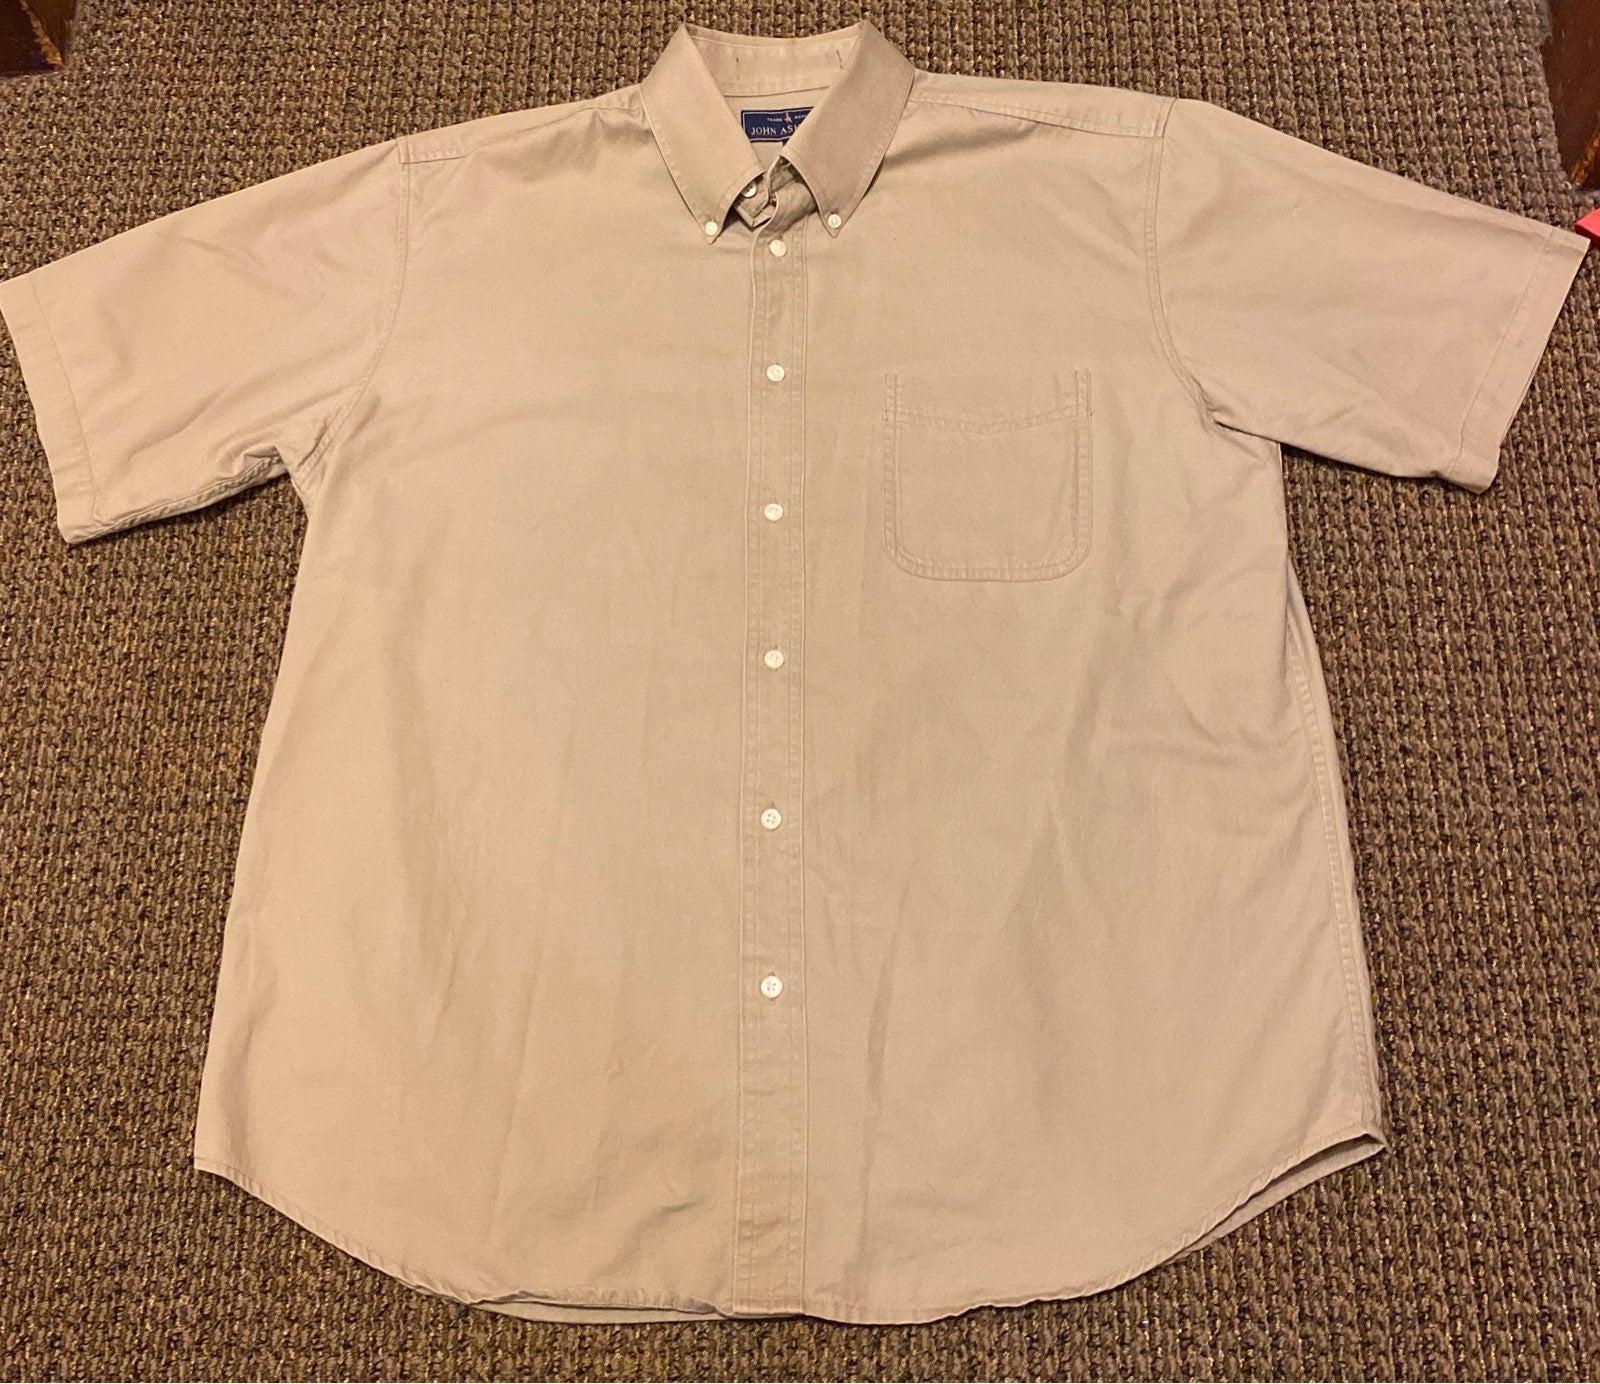 Mens short sleeved button up Shirt (L)